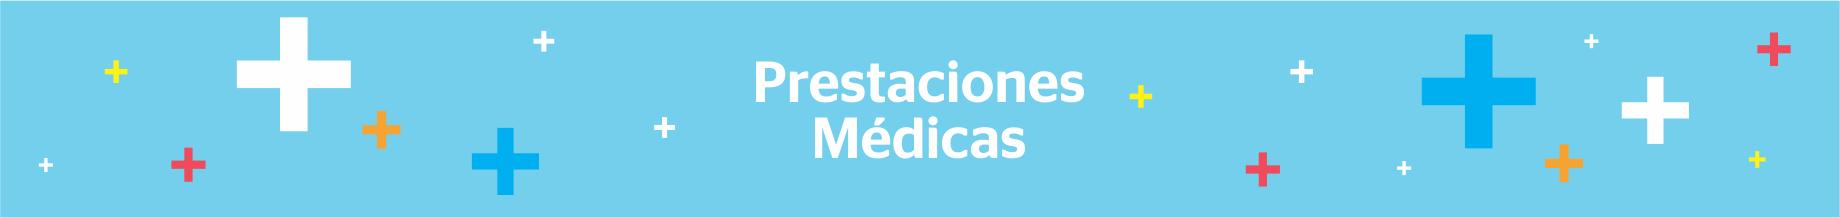 Prestaciones Médicas